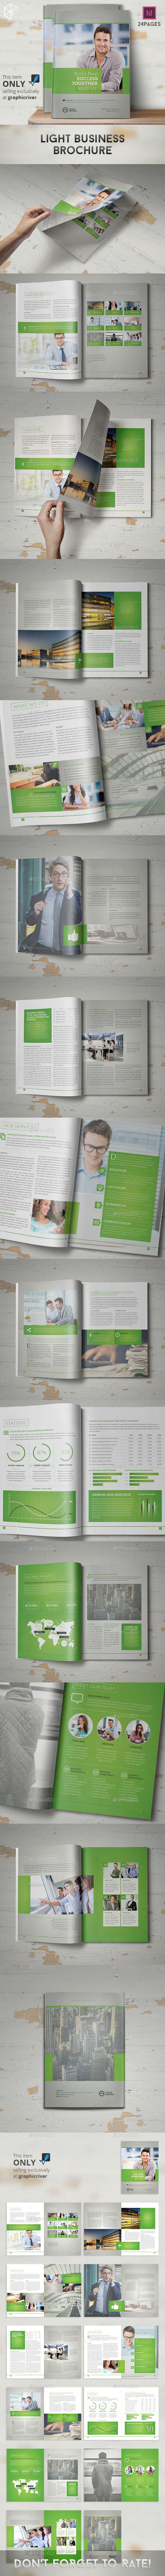 Light Business Brochure - Corporate Brochures